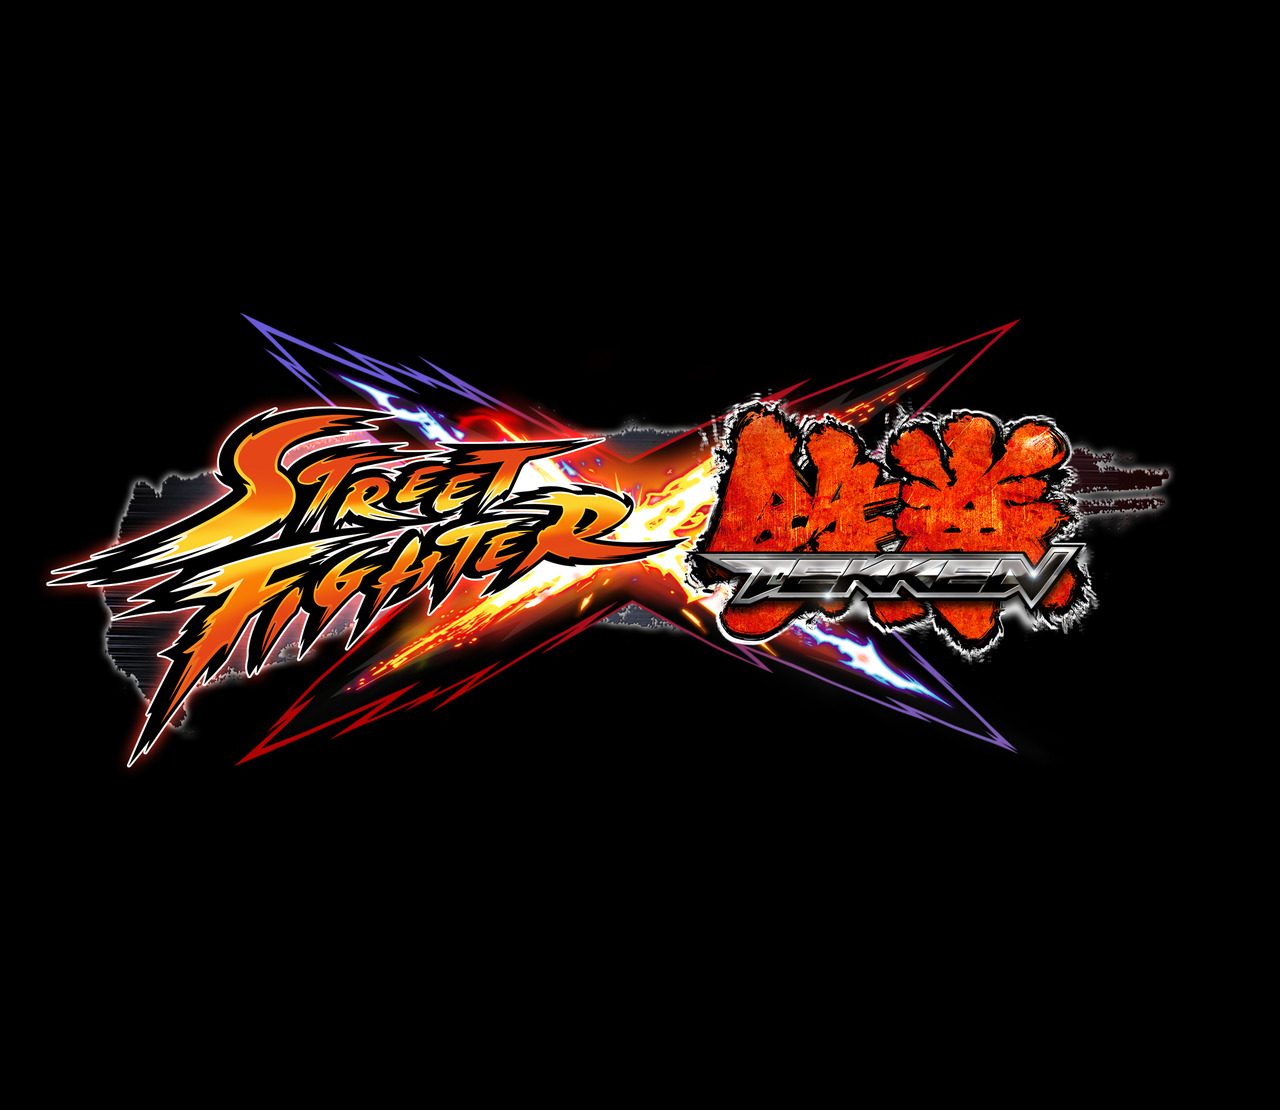 Street Fighter X Tekken Street-fighter-x-tekken-playstation-3-ps3-001